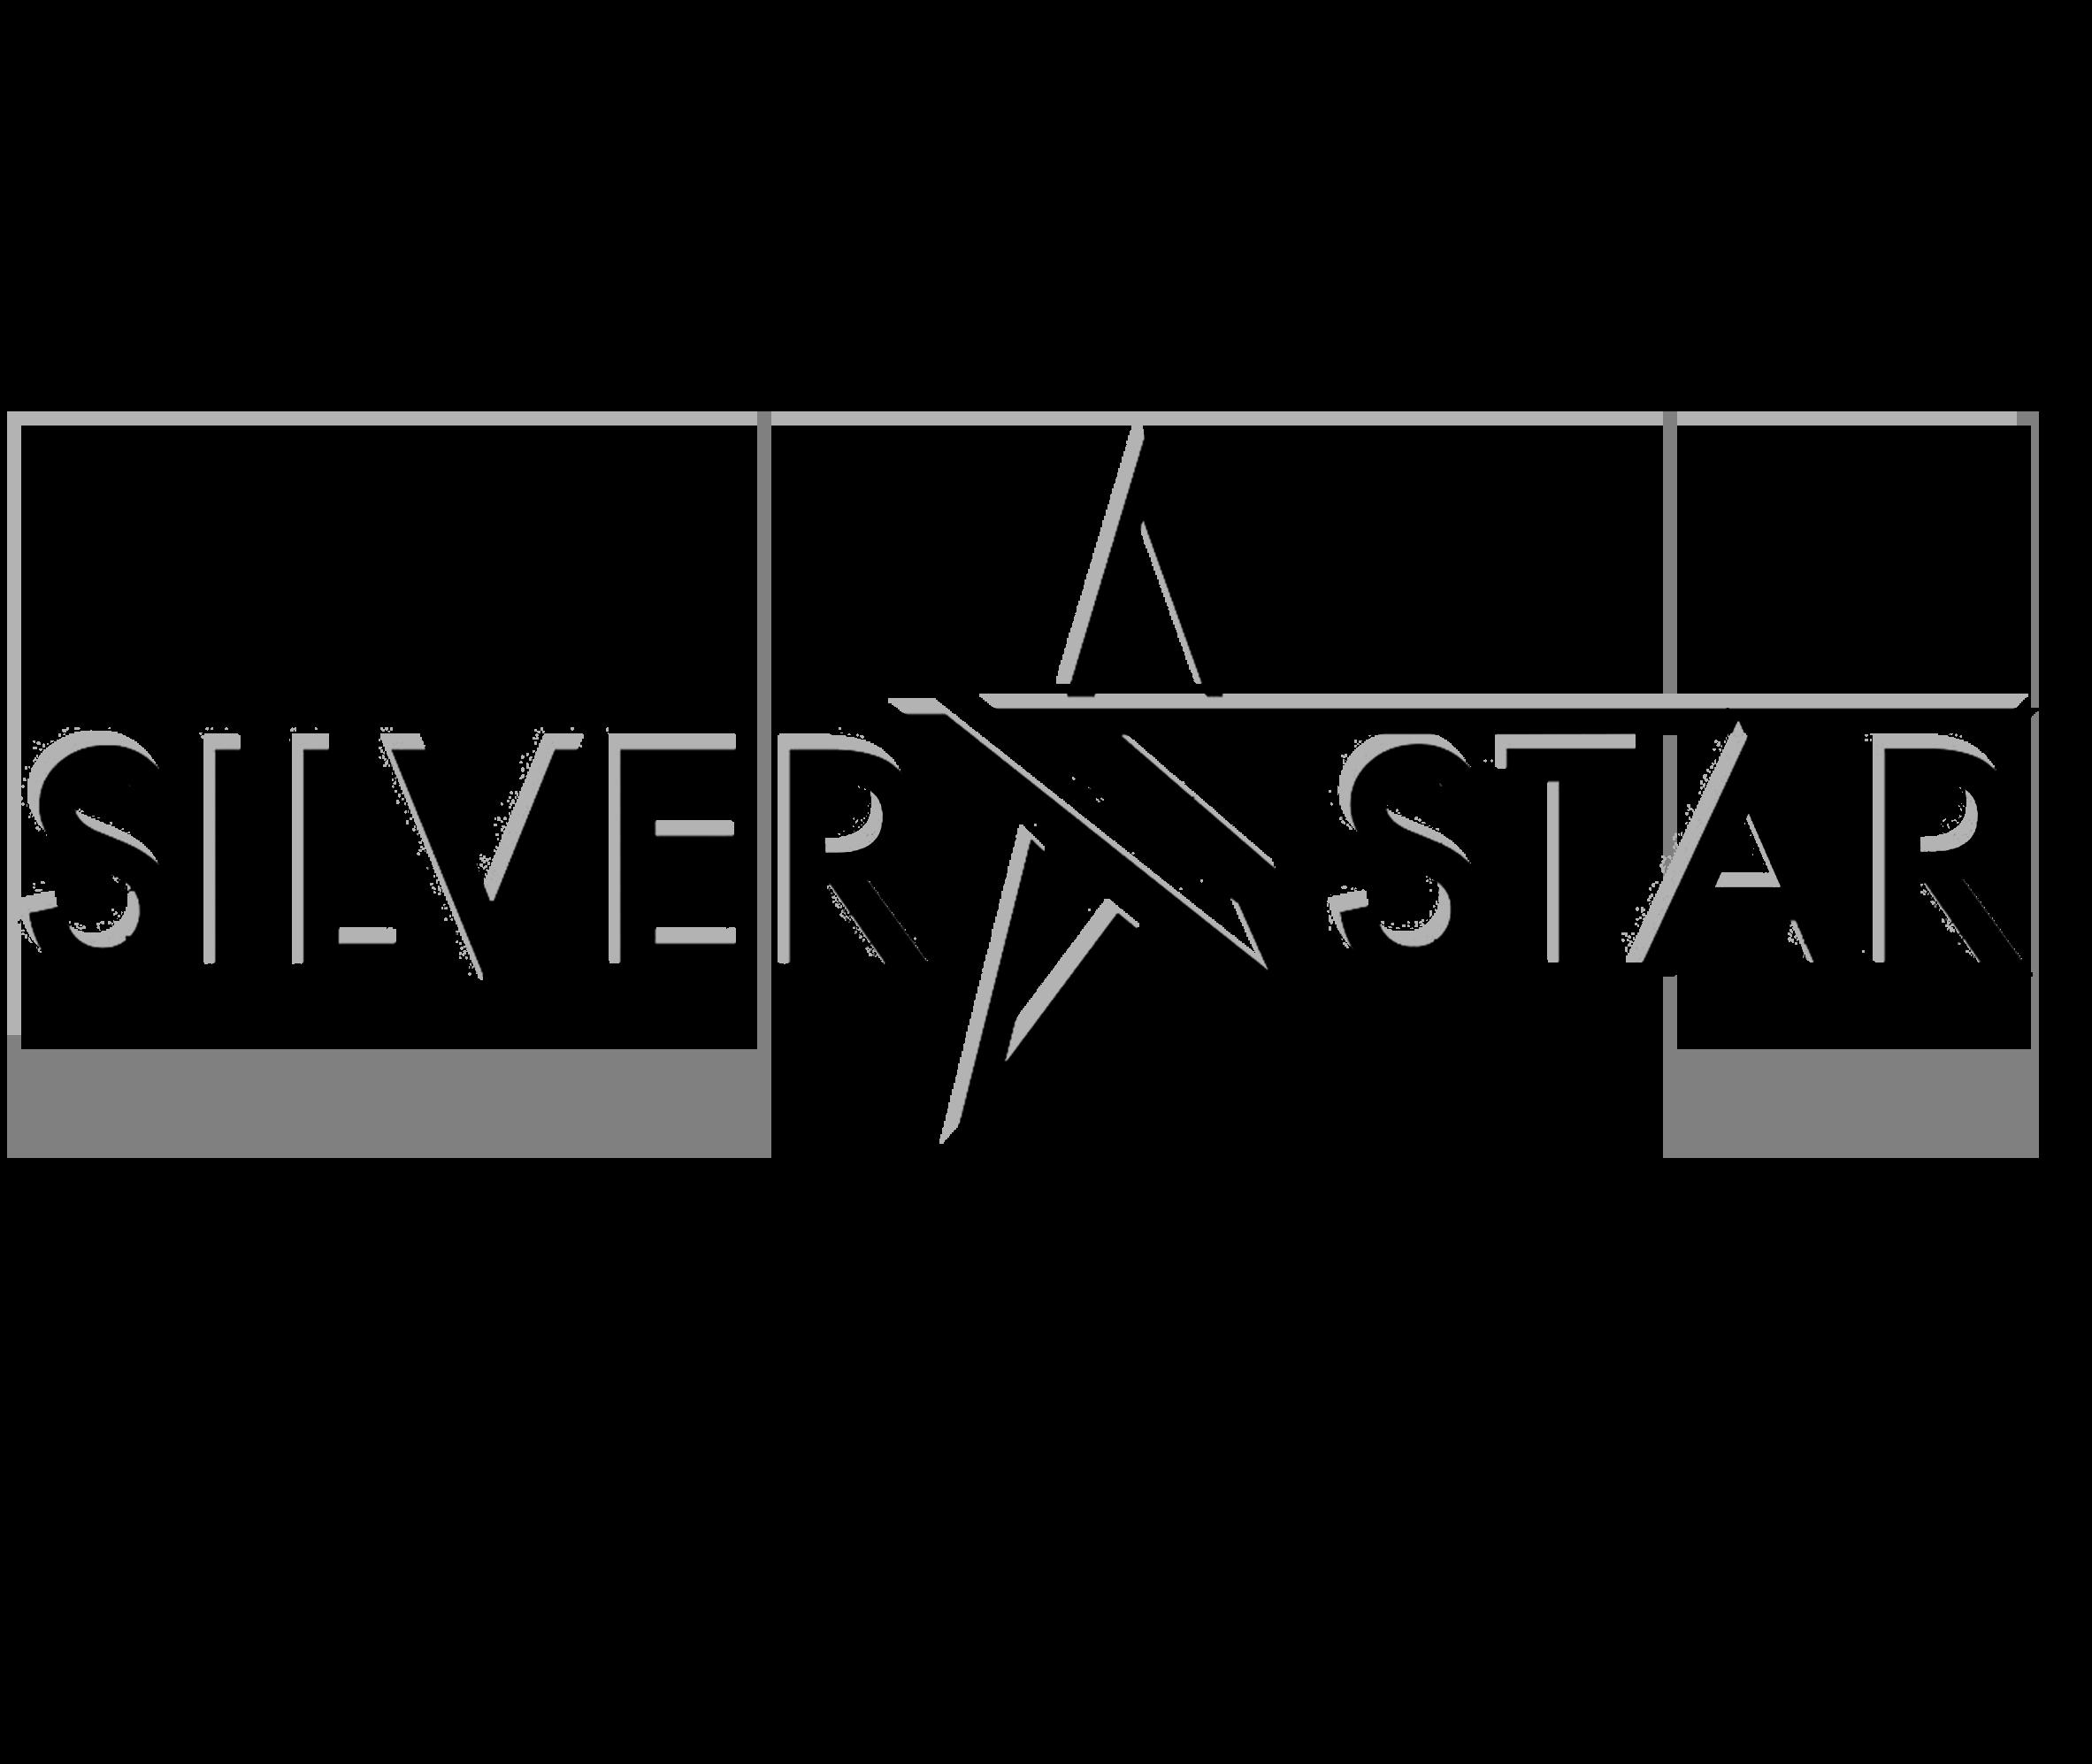 Silverstar Sound